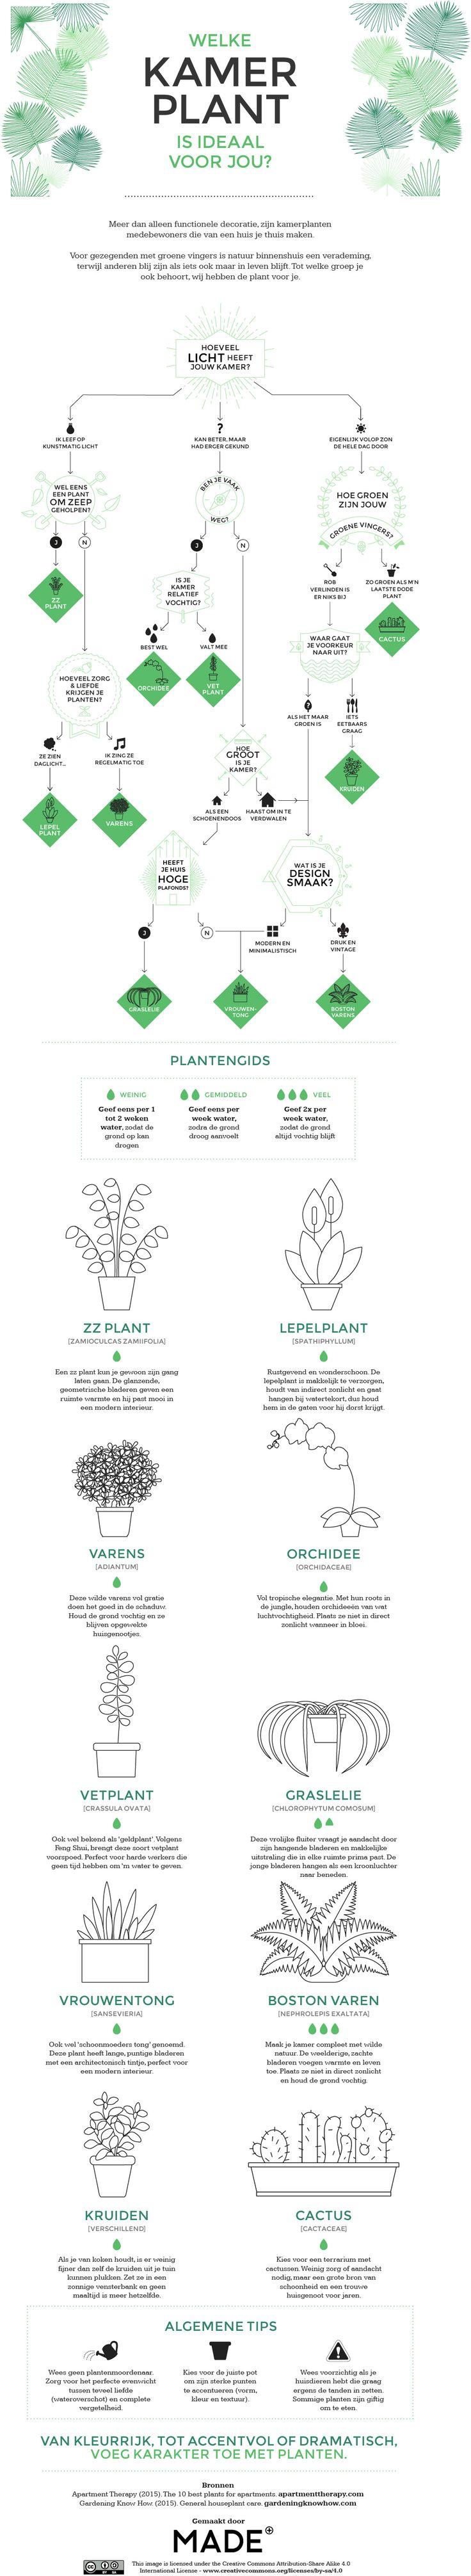 Planten zijn super goed voor je! Ze nemen het broeikasgas CO₂ op, zuiveren de lucht en zijn goed voor je concentratie. Wil jij graag meer groen in huis, maar heb je geen idee wat voor soort plant bij je past? Doe de test!…